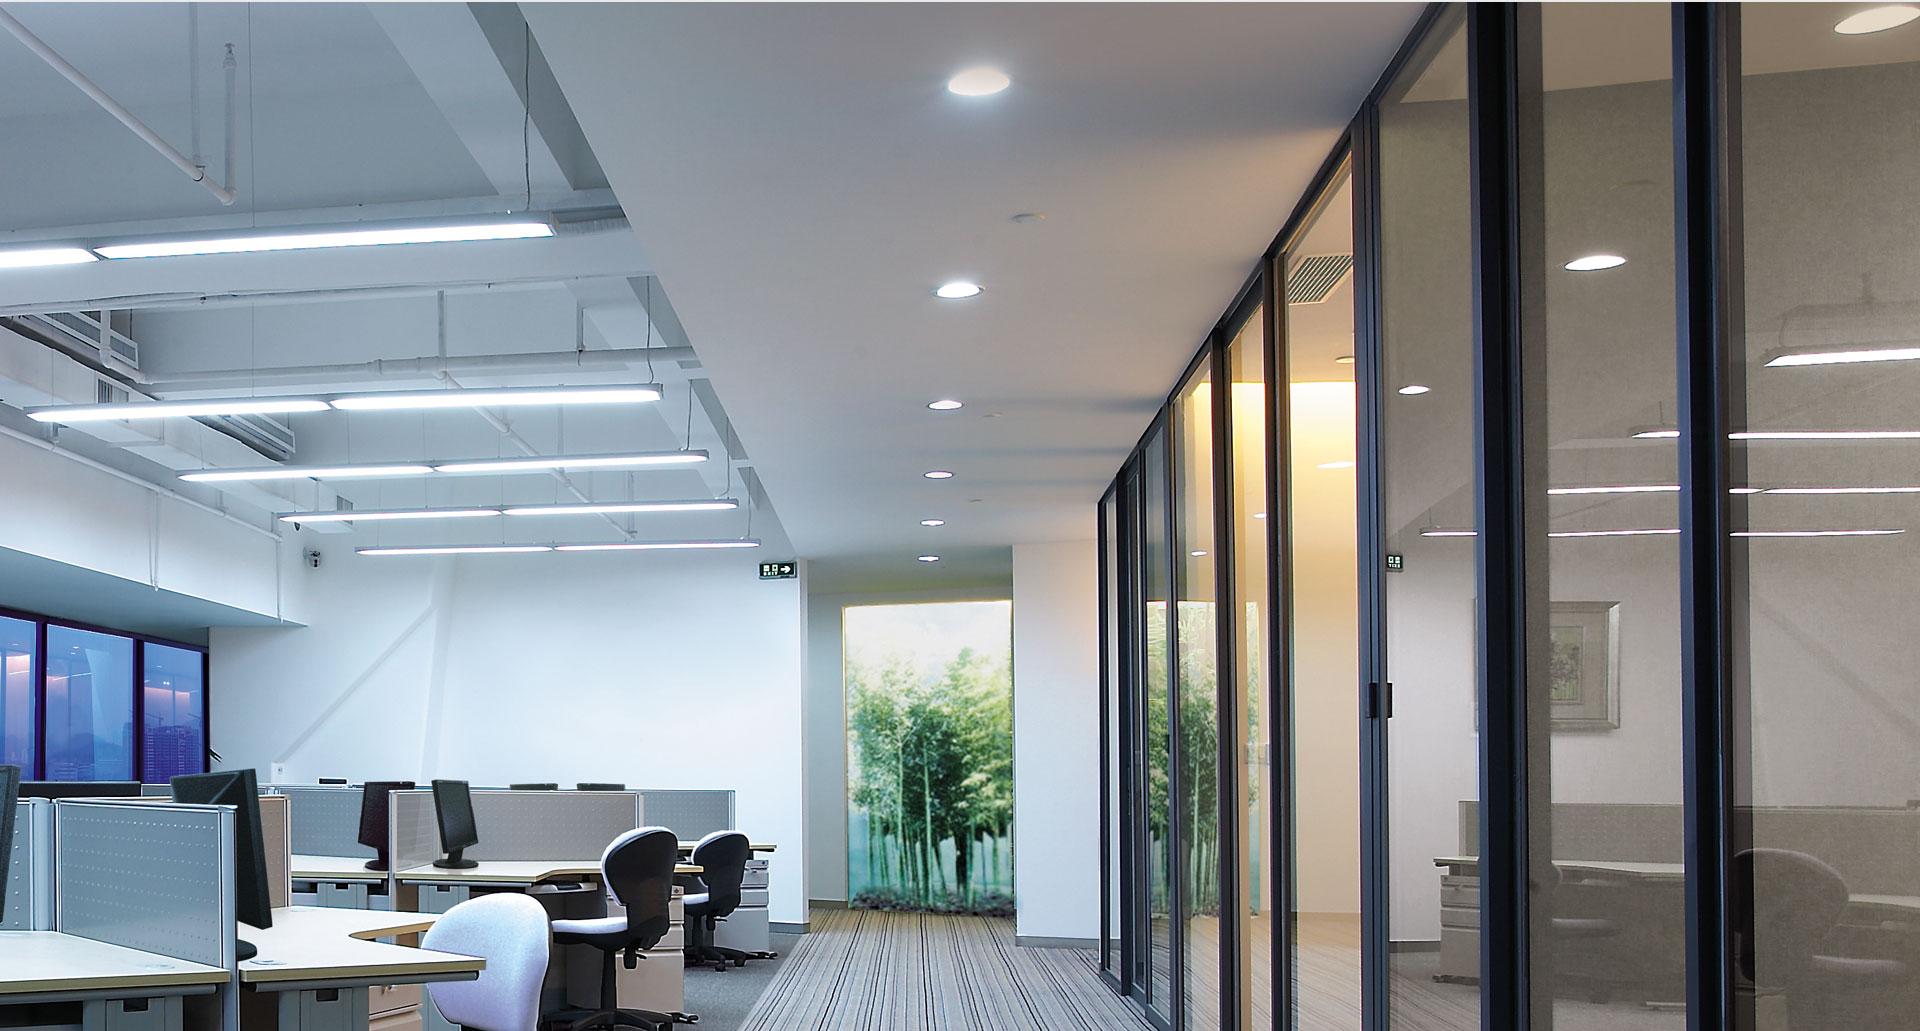 projecteur-olly-eclairage-commerces-bureautique